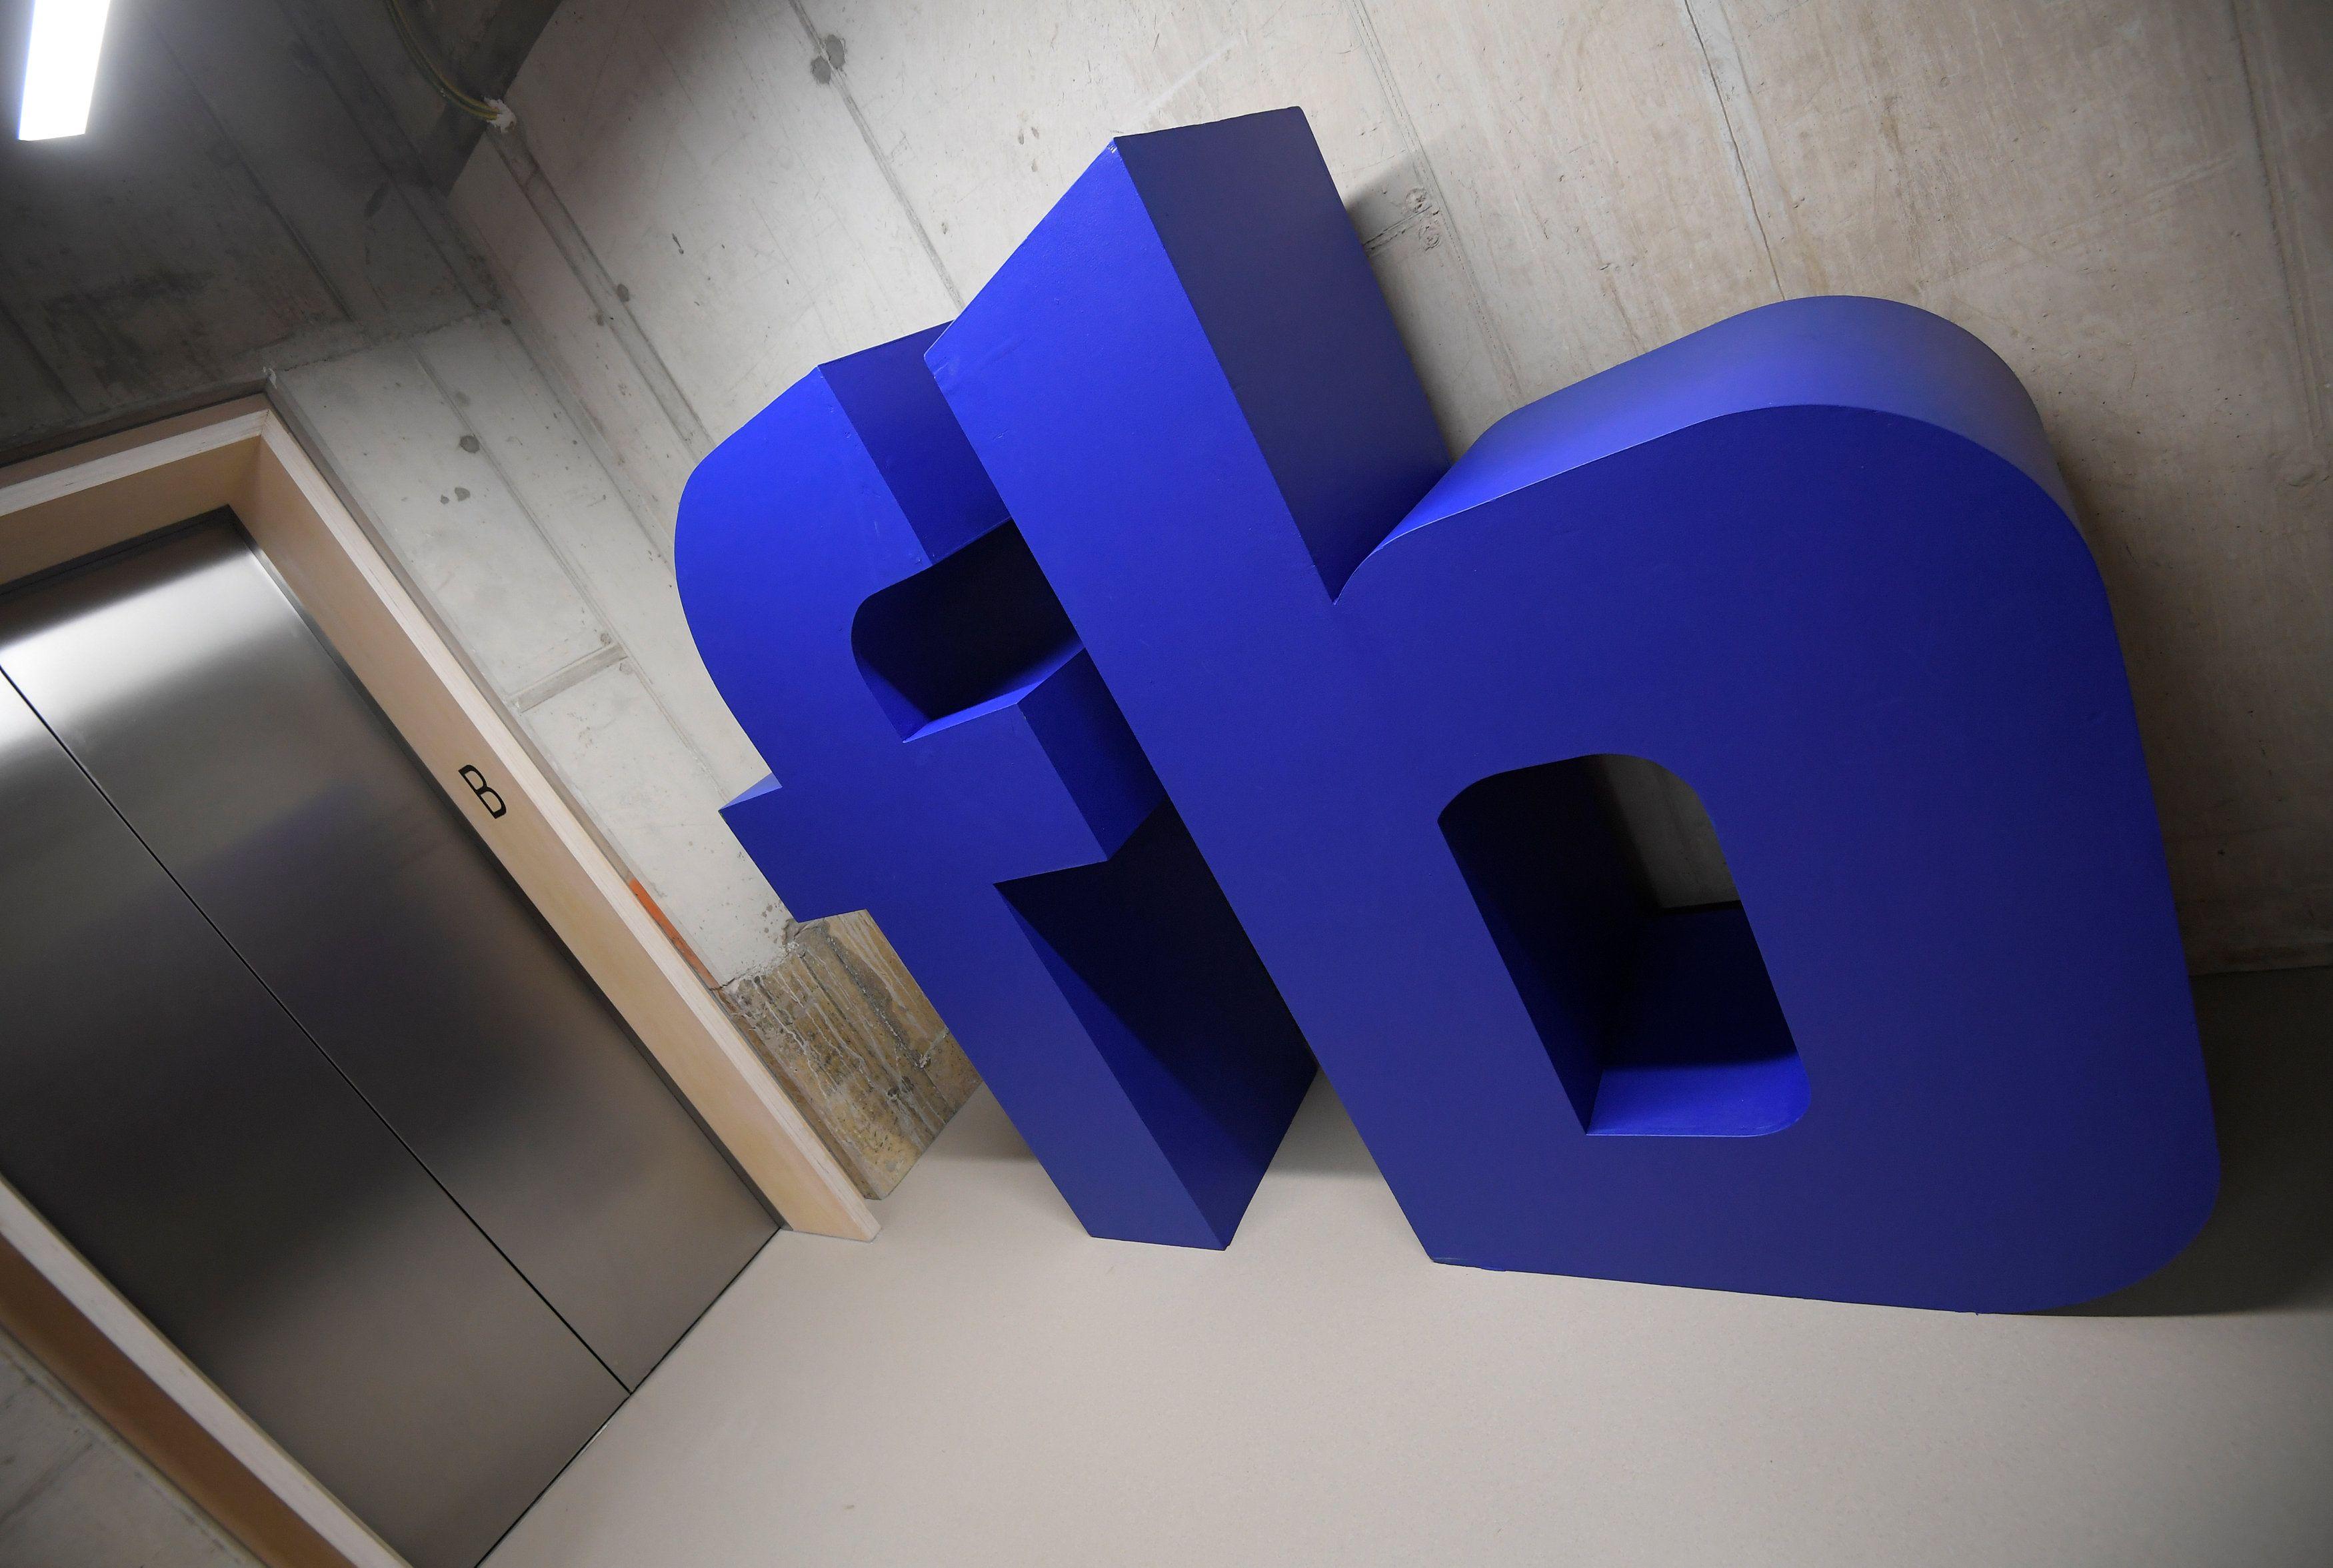 В мае в соцсети Facebook произошла ошибка, из-за которой приватные публикации, которые могли просматривать не все, оказались доступны широкой общественности